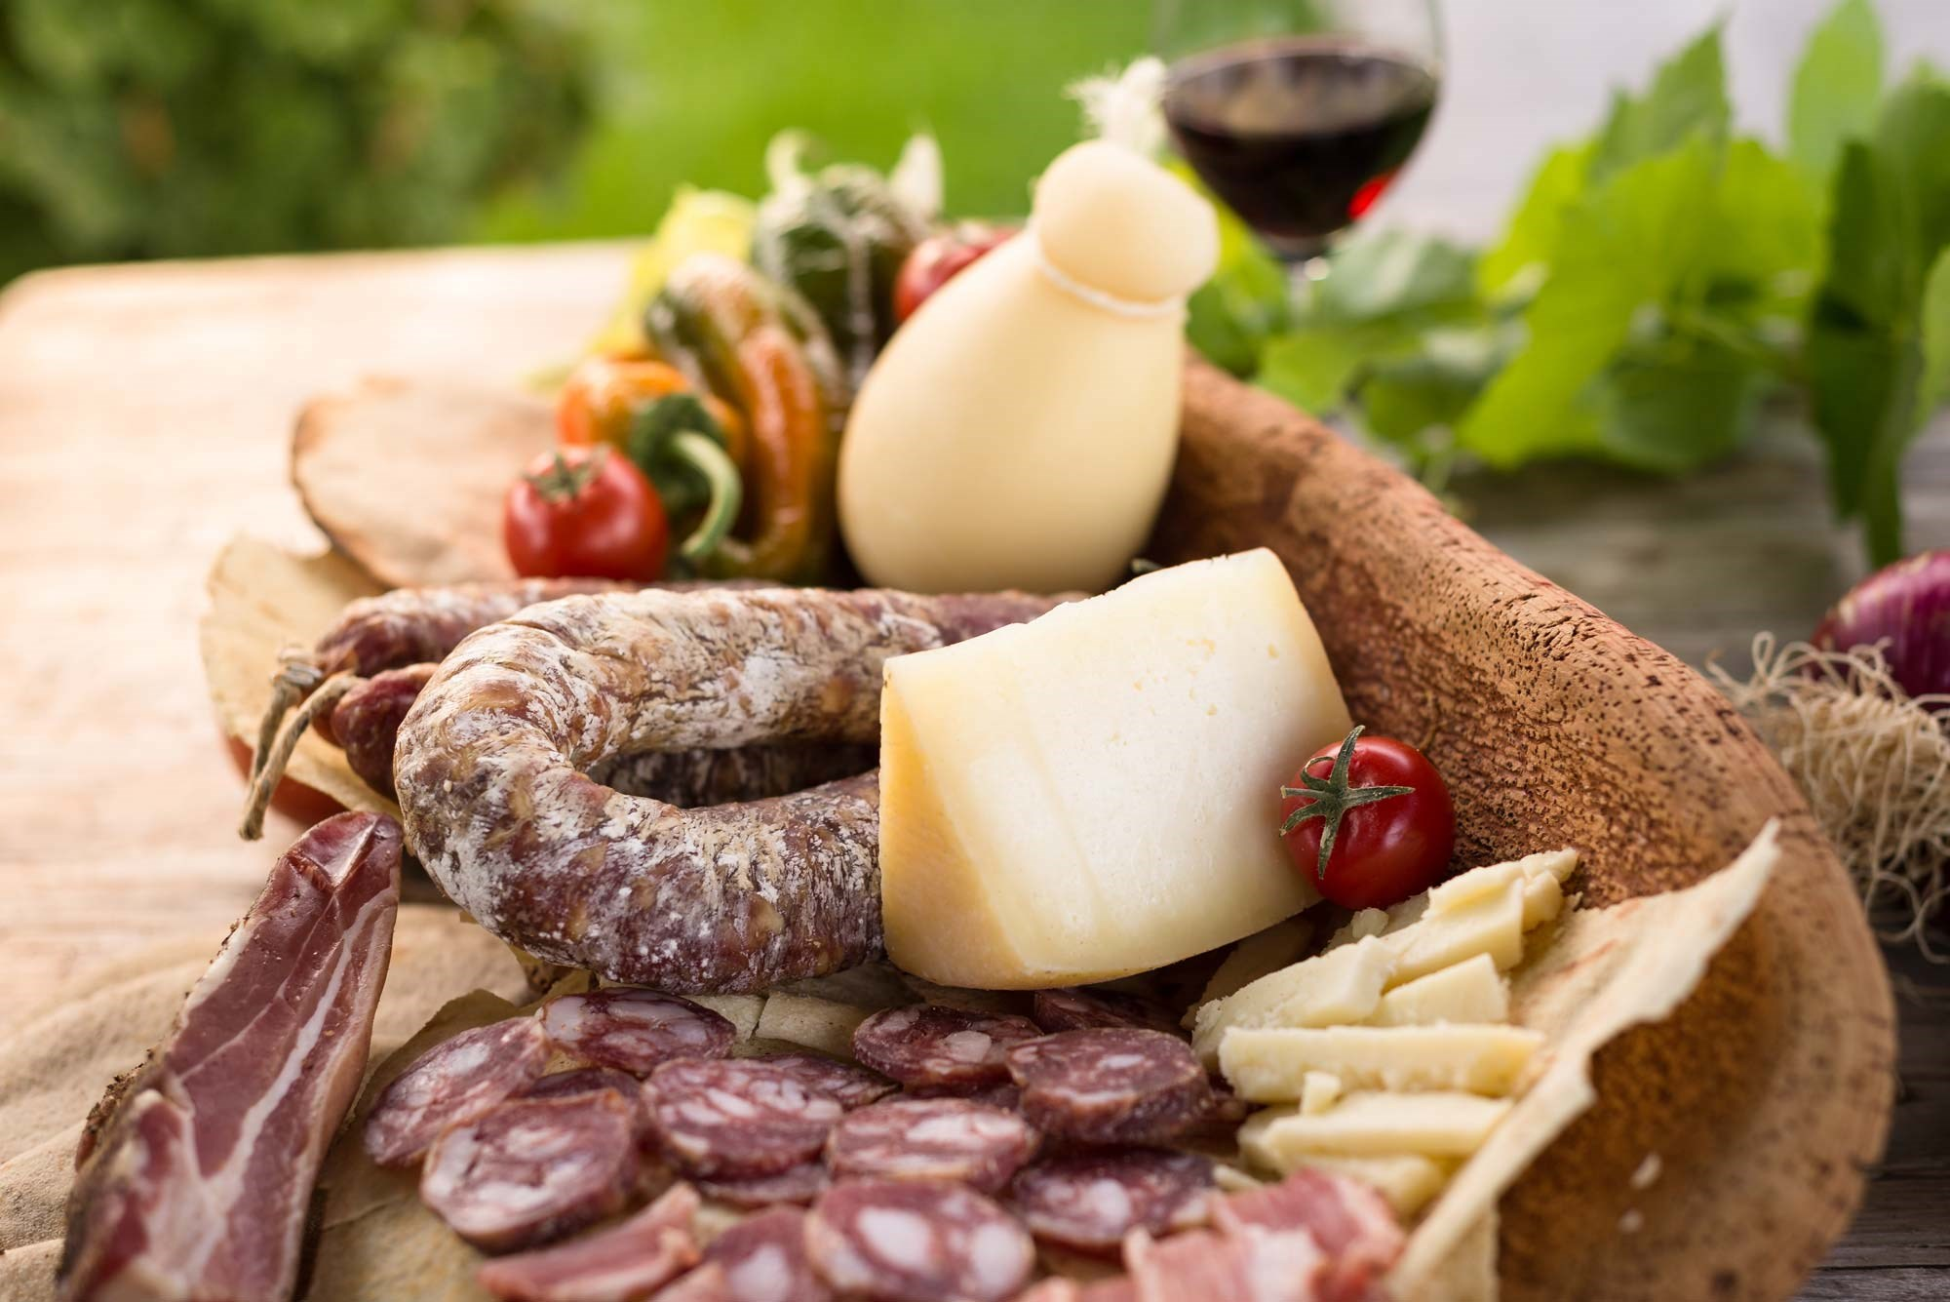 Marché, artisanat & gastronomie